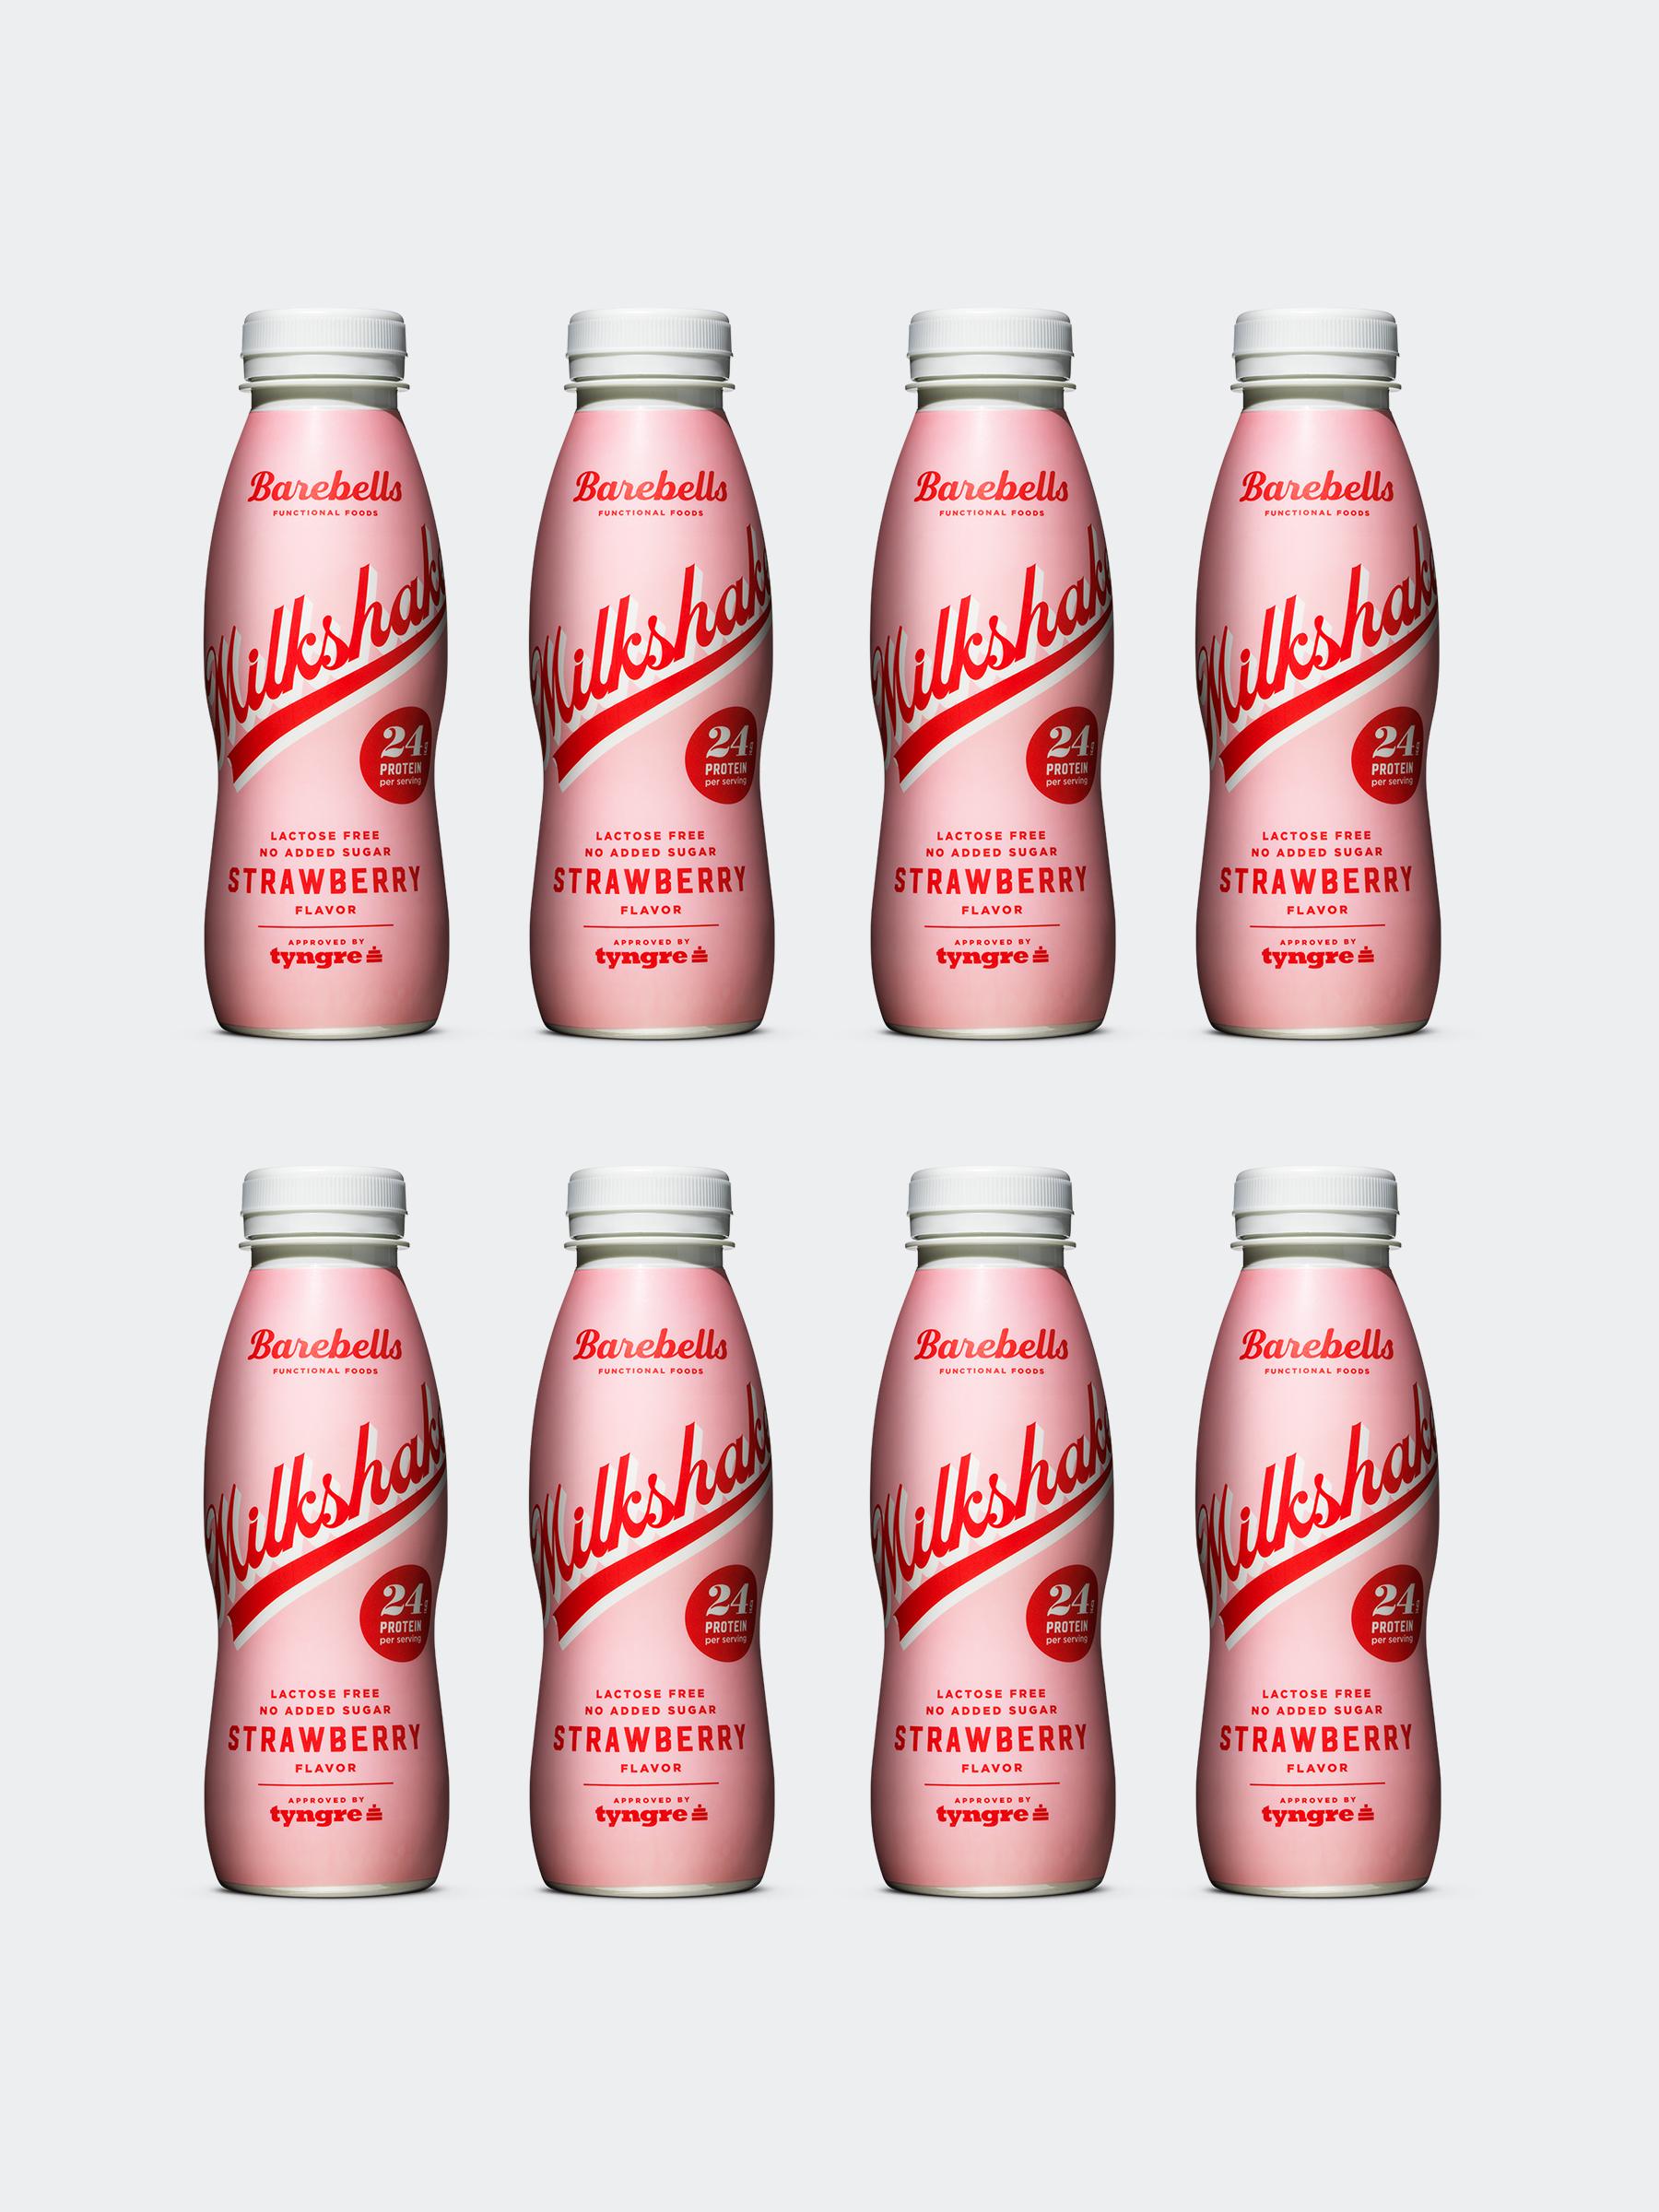 Barebells Milkshake Strawberry 8-pack